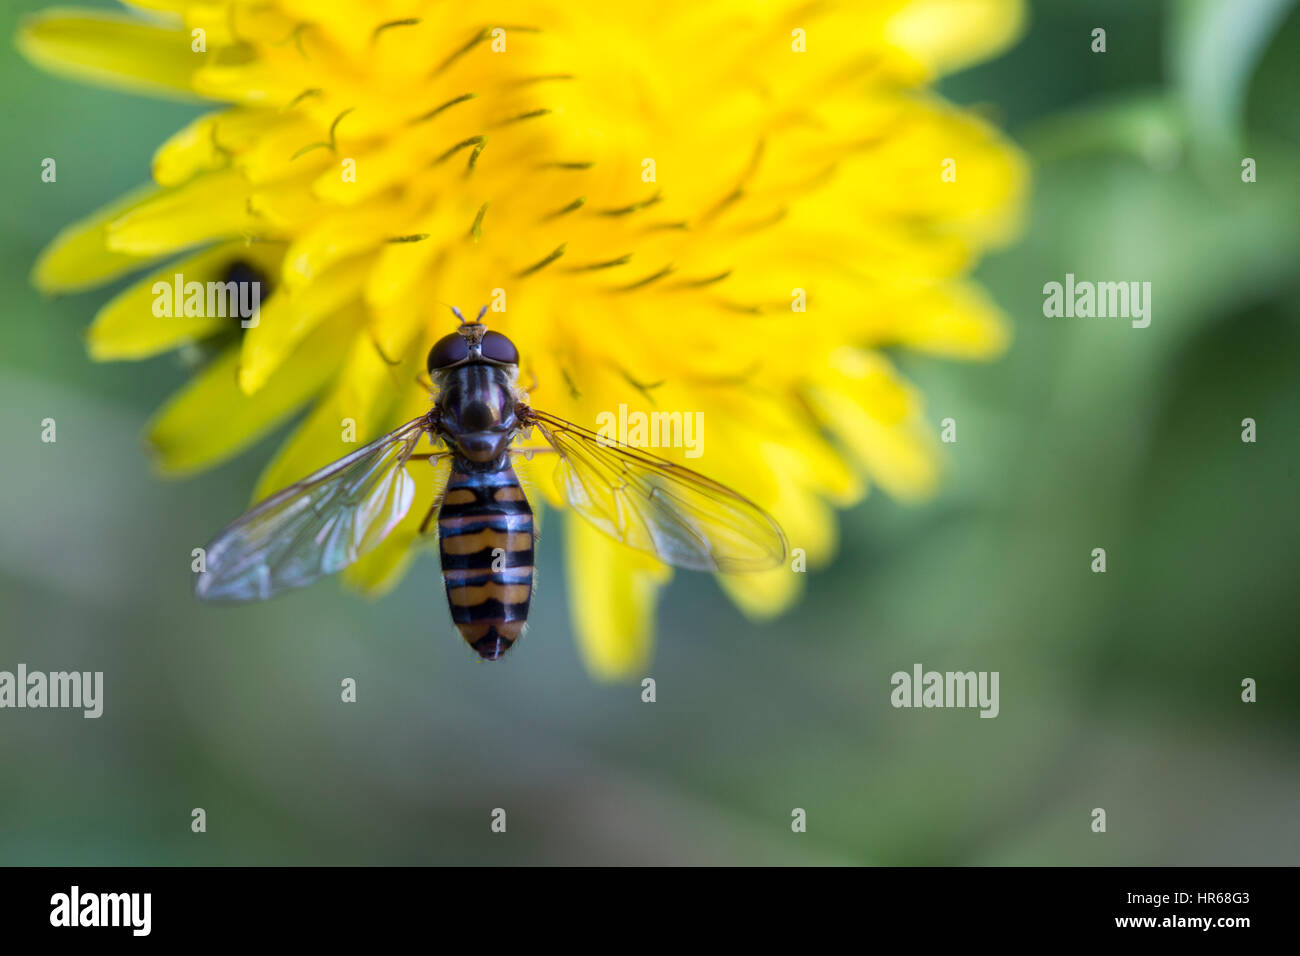 Makro-Ansicht der Biene auf Blüte Stockbild